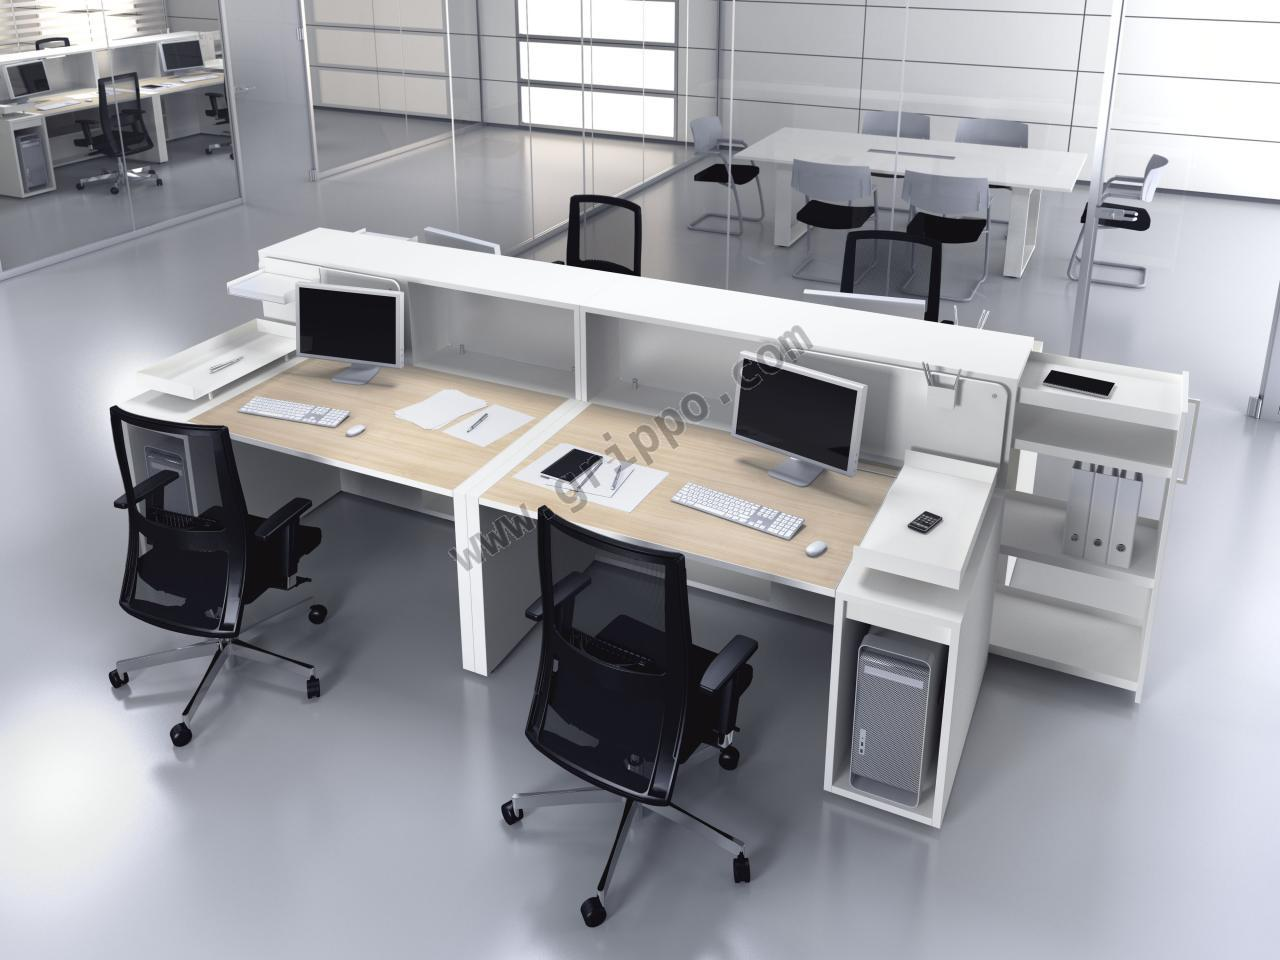 Muebles de oficina sillas sillones complementos dise o for Muebles de oficina nicaragua